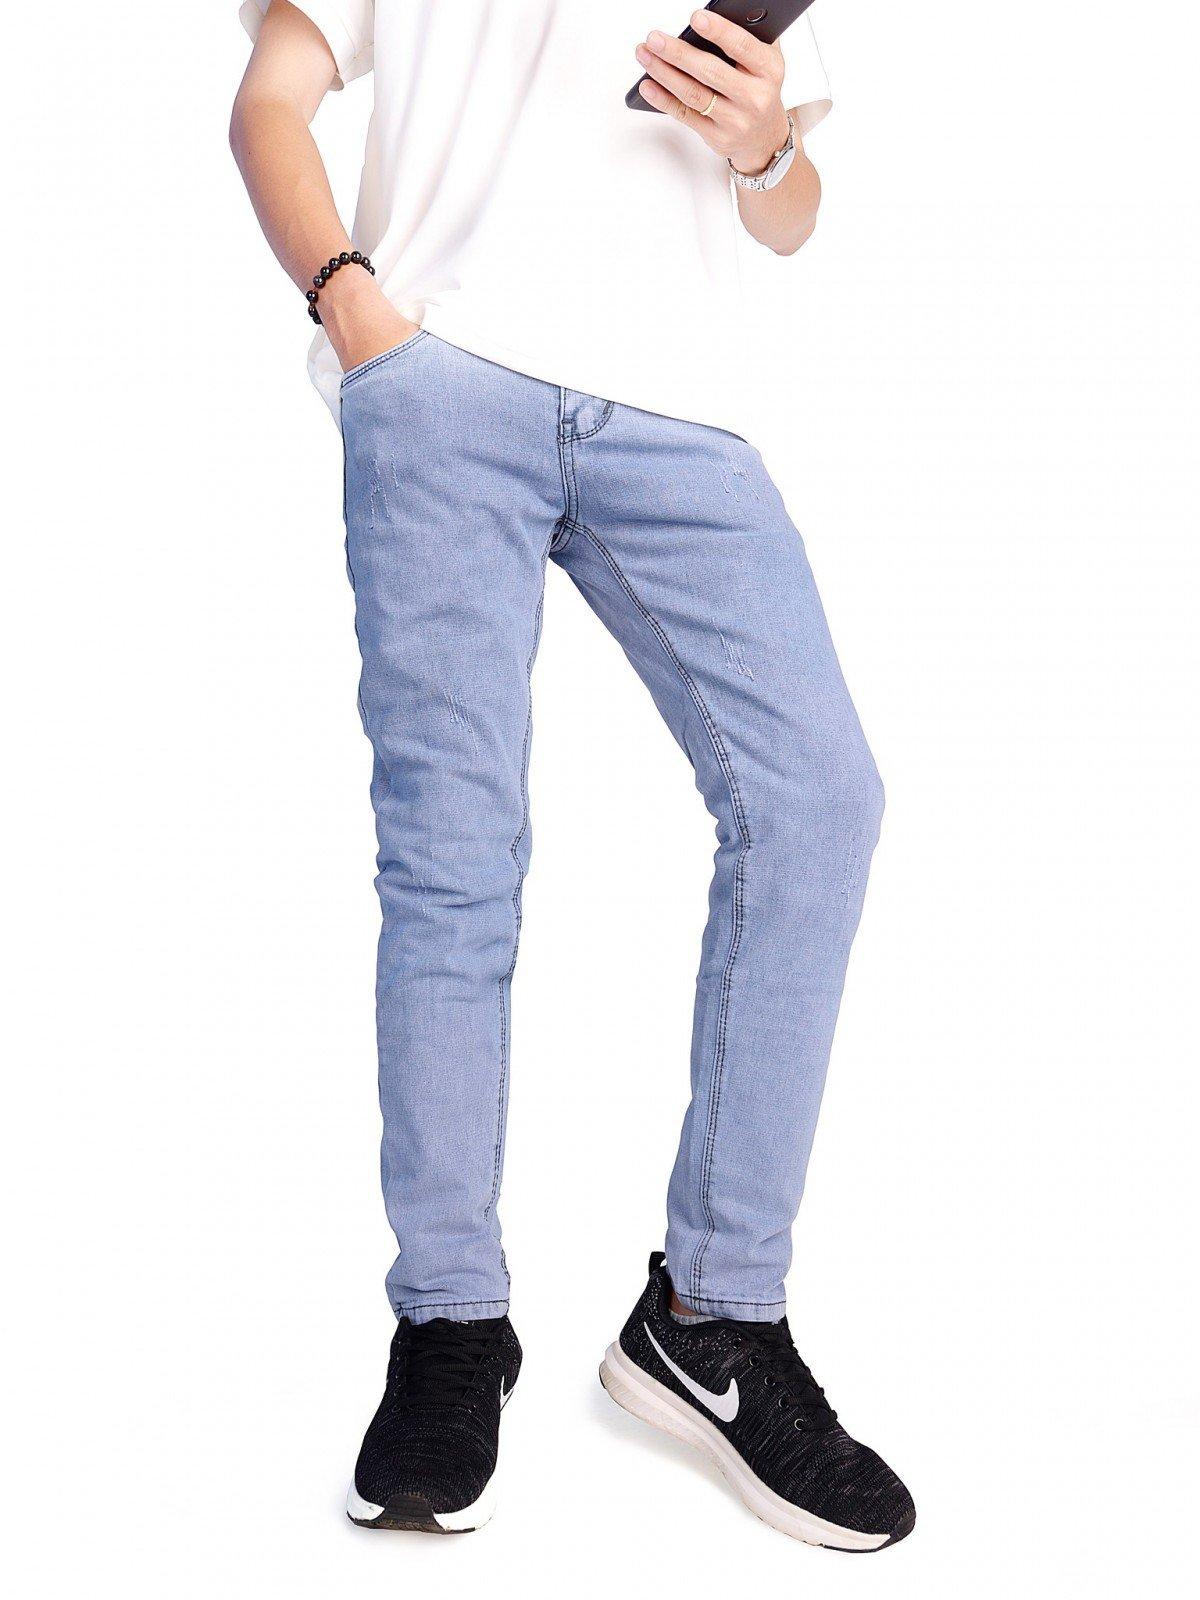 quần jean nam trắng bạc